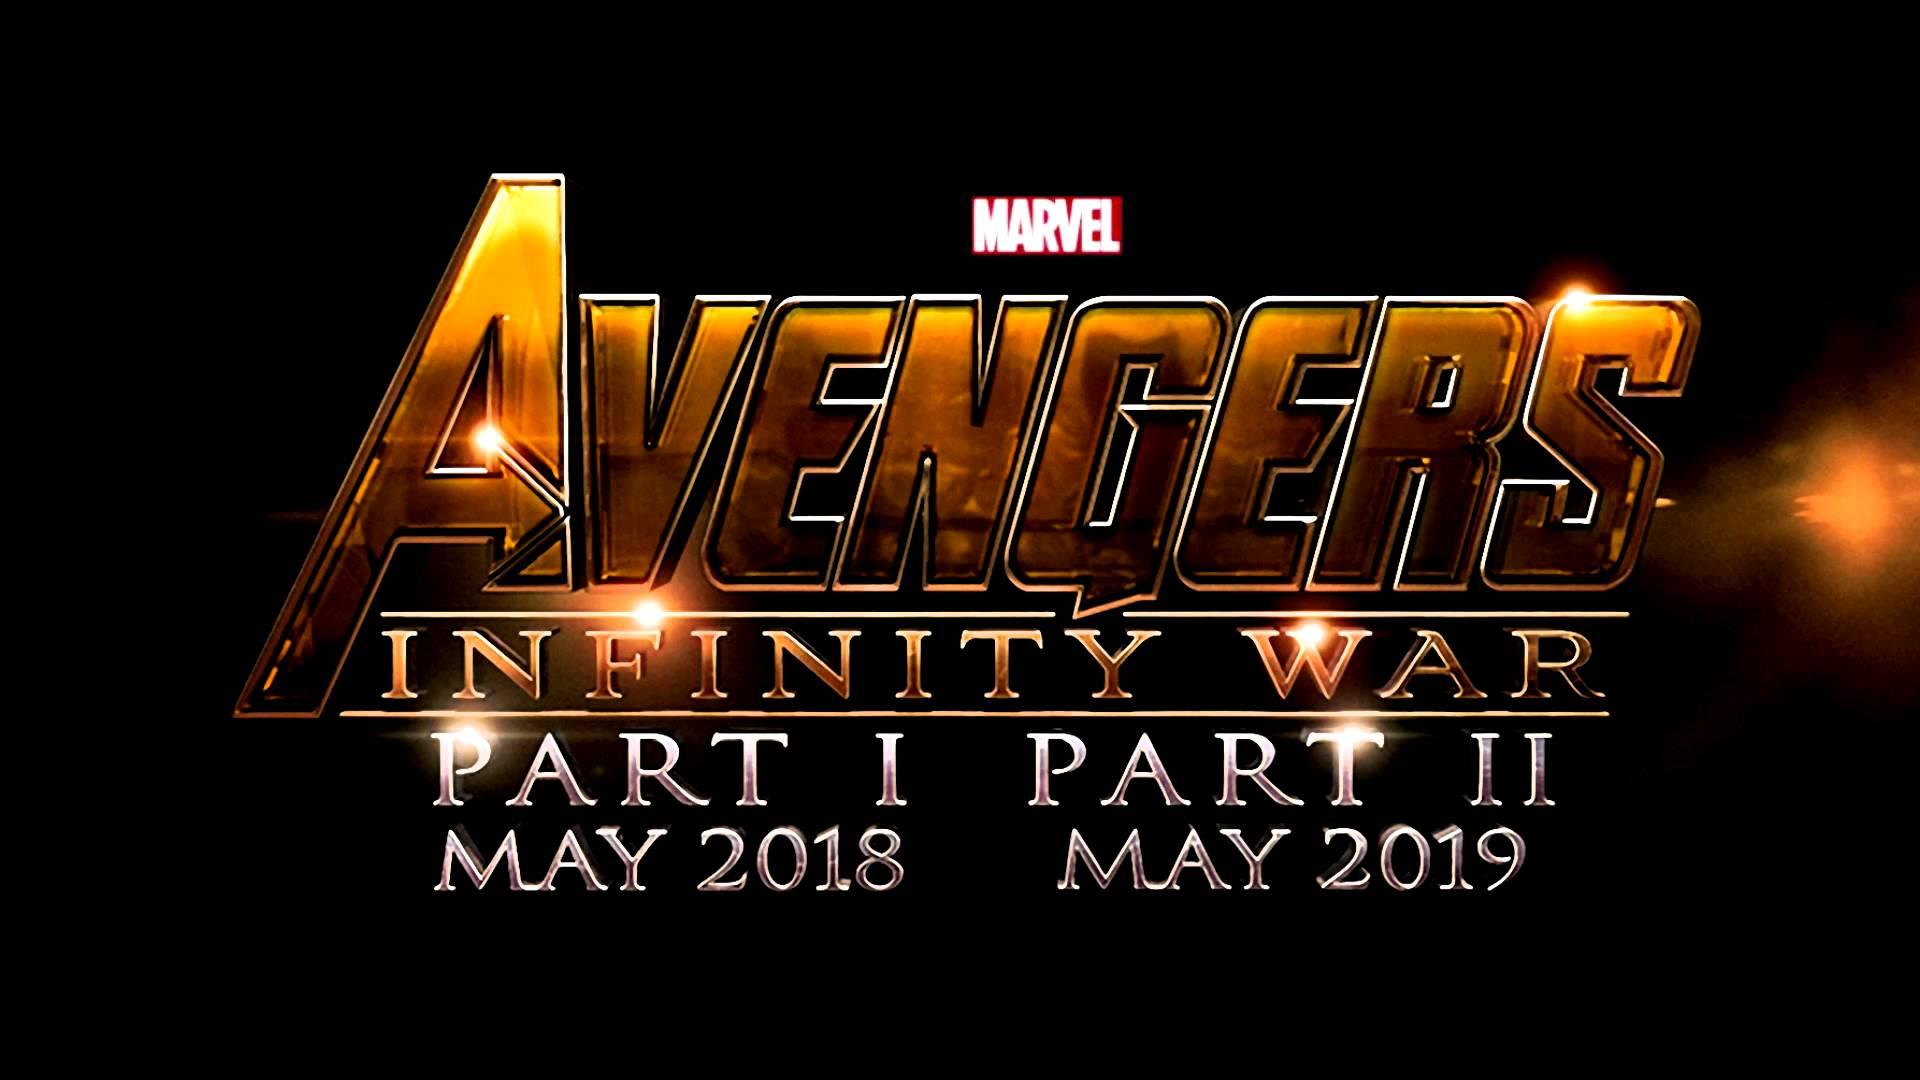 Infinity War I_II Logo